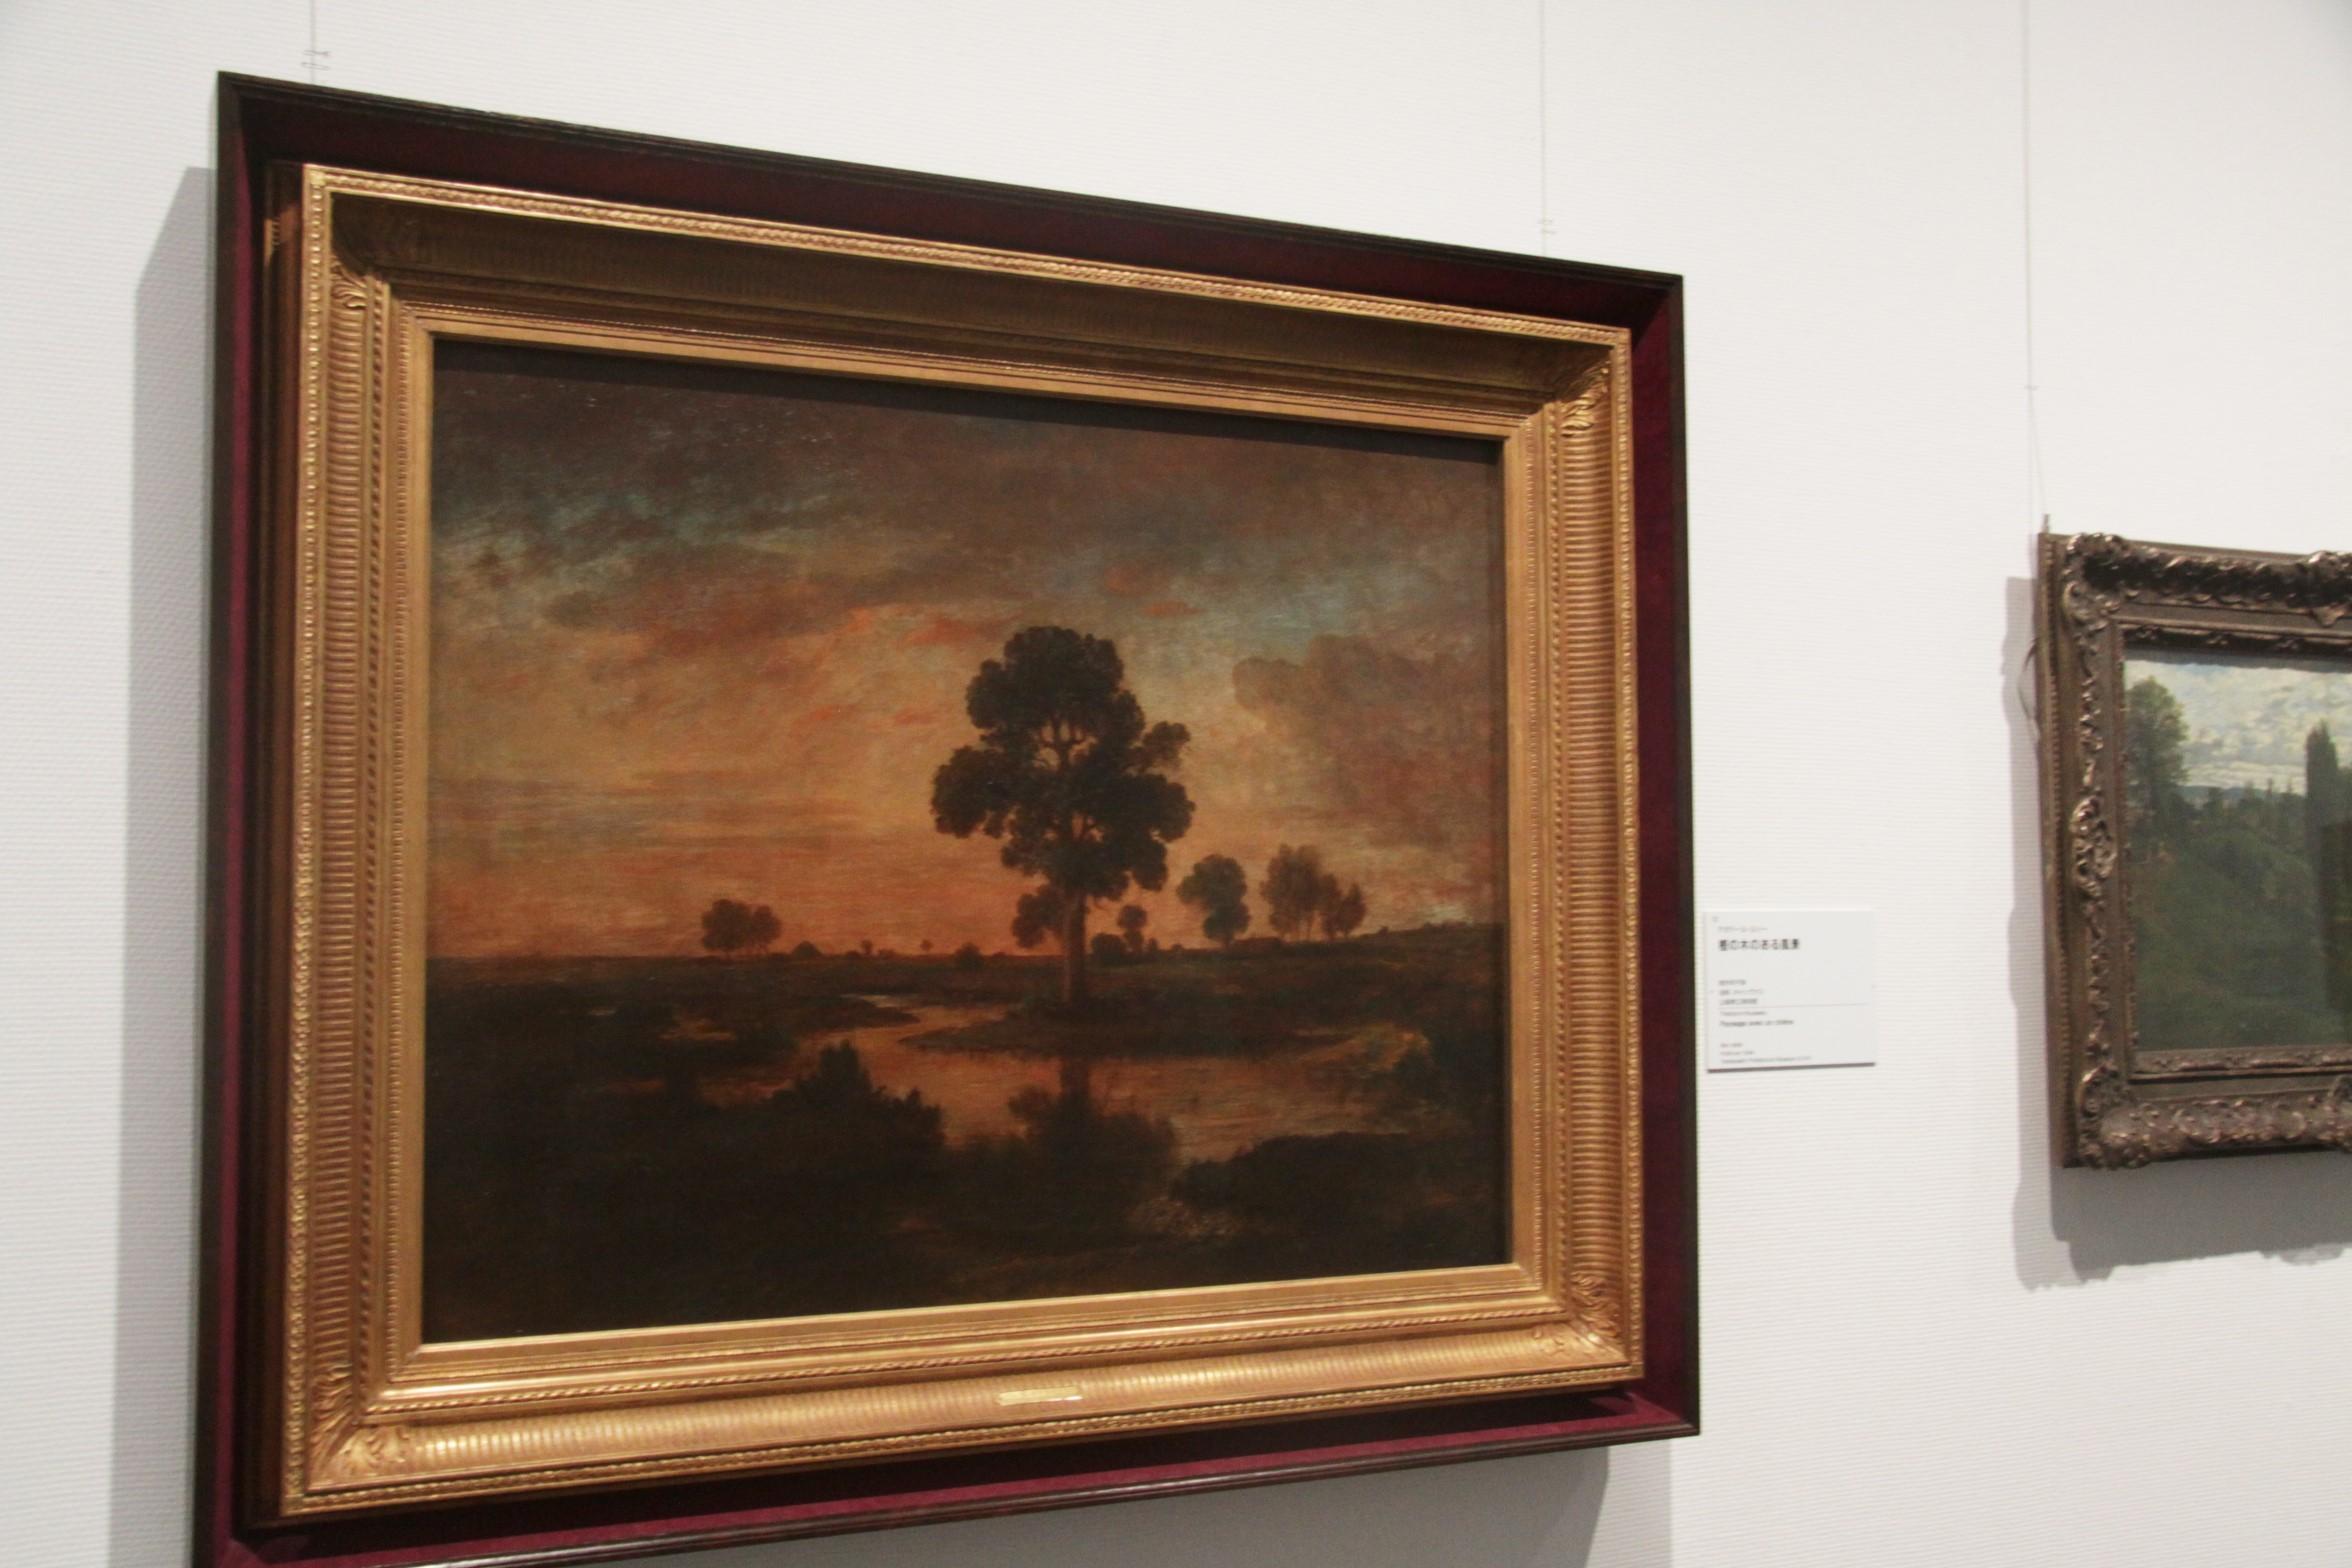 テオドール・ルソー《樫の木のある風景》制作年不詳 山梨県立美術館蔵